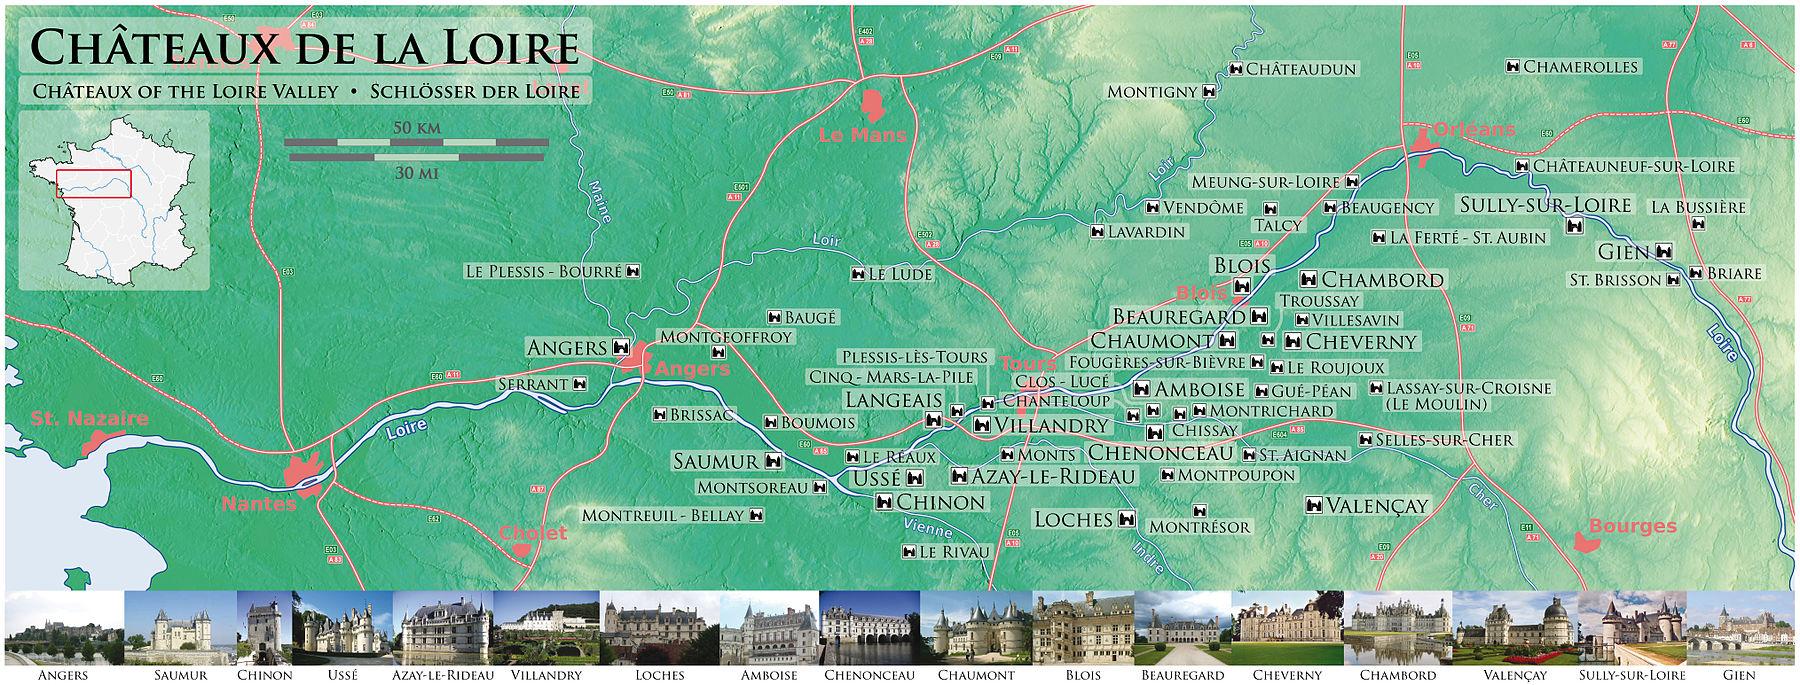 1800px Châteaux de la Loire Karte